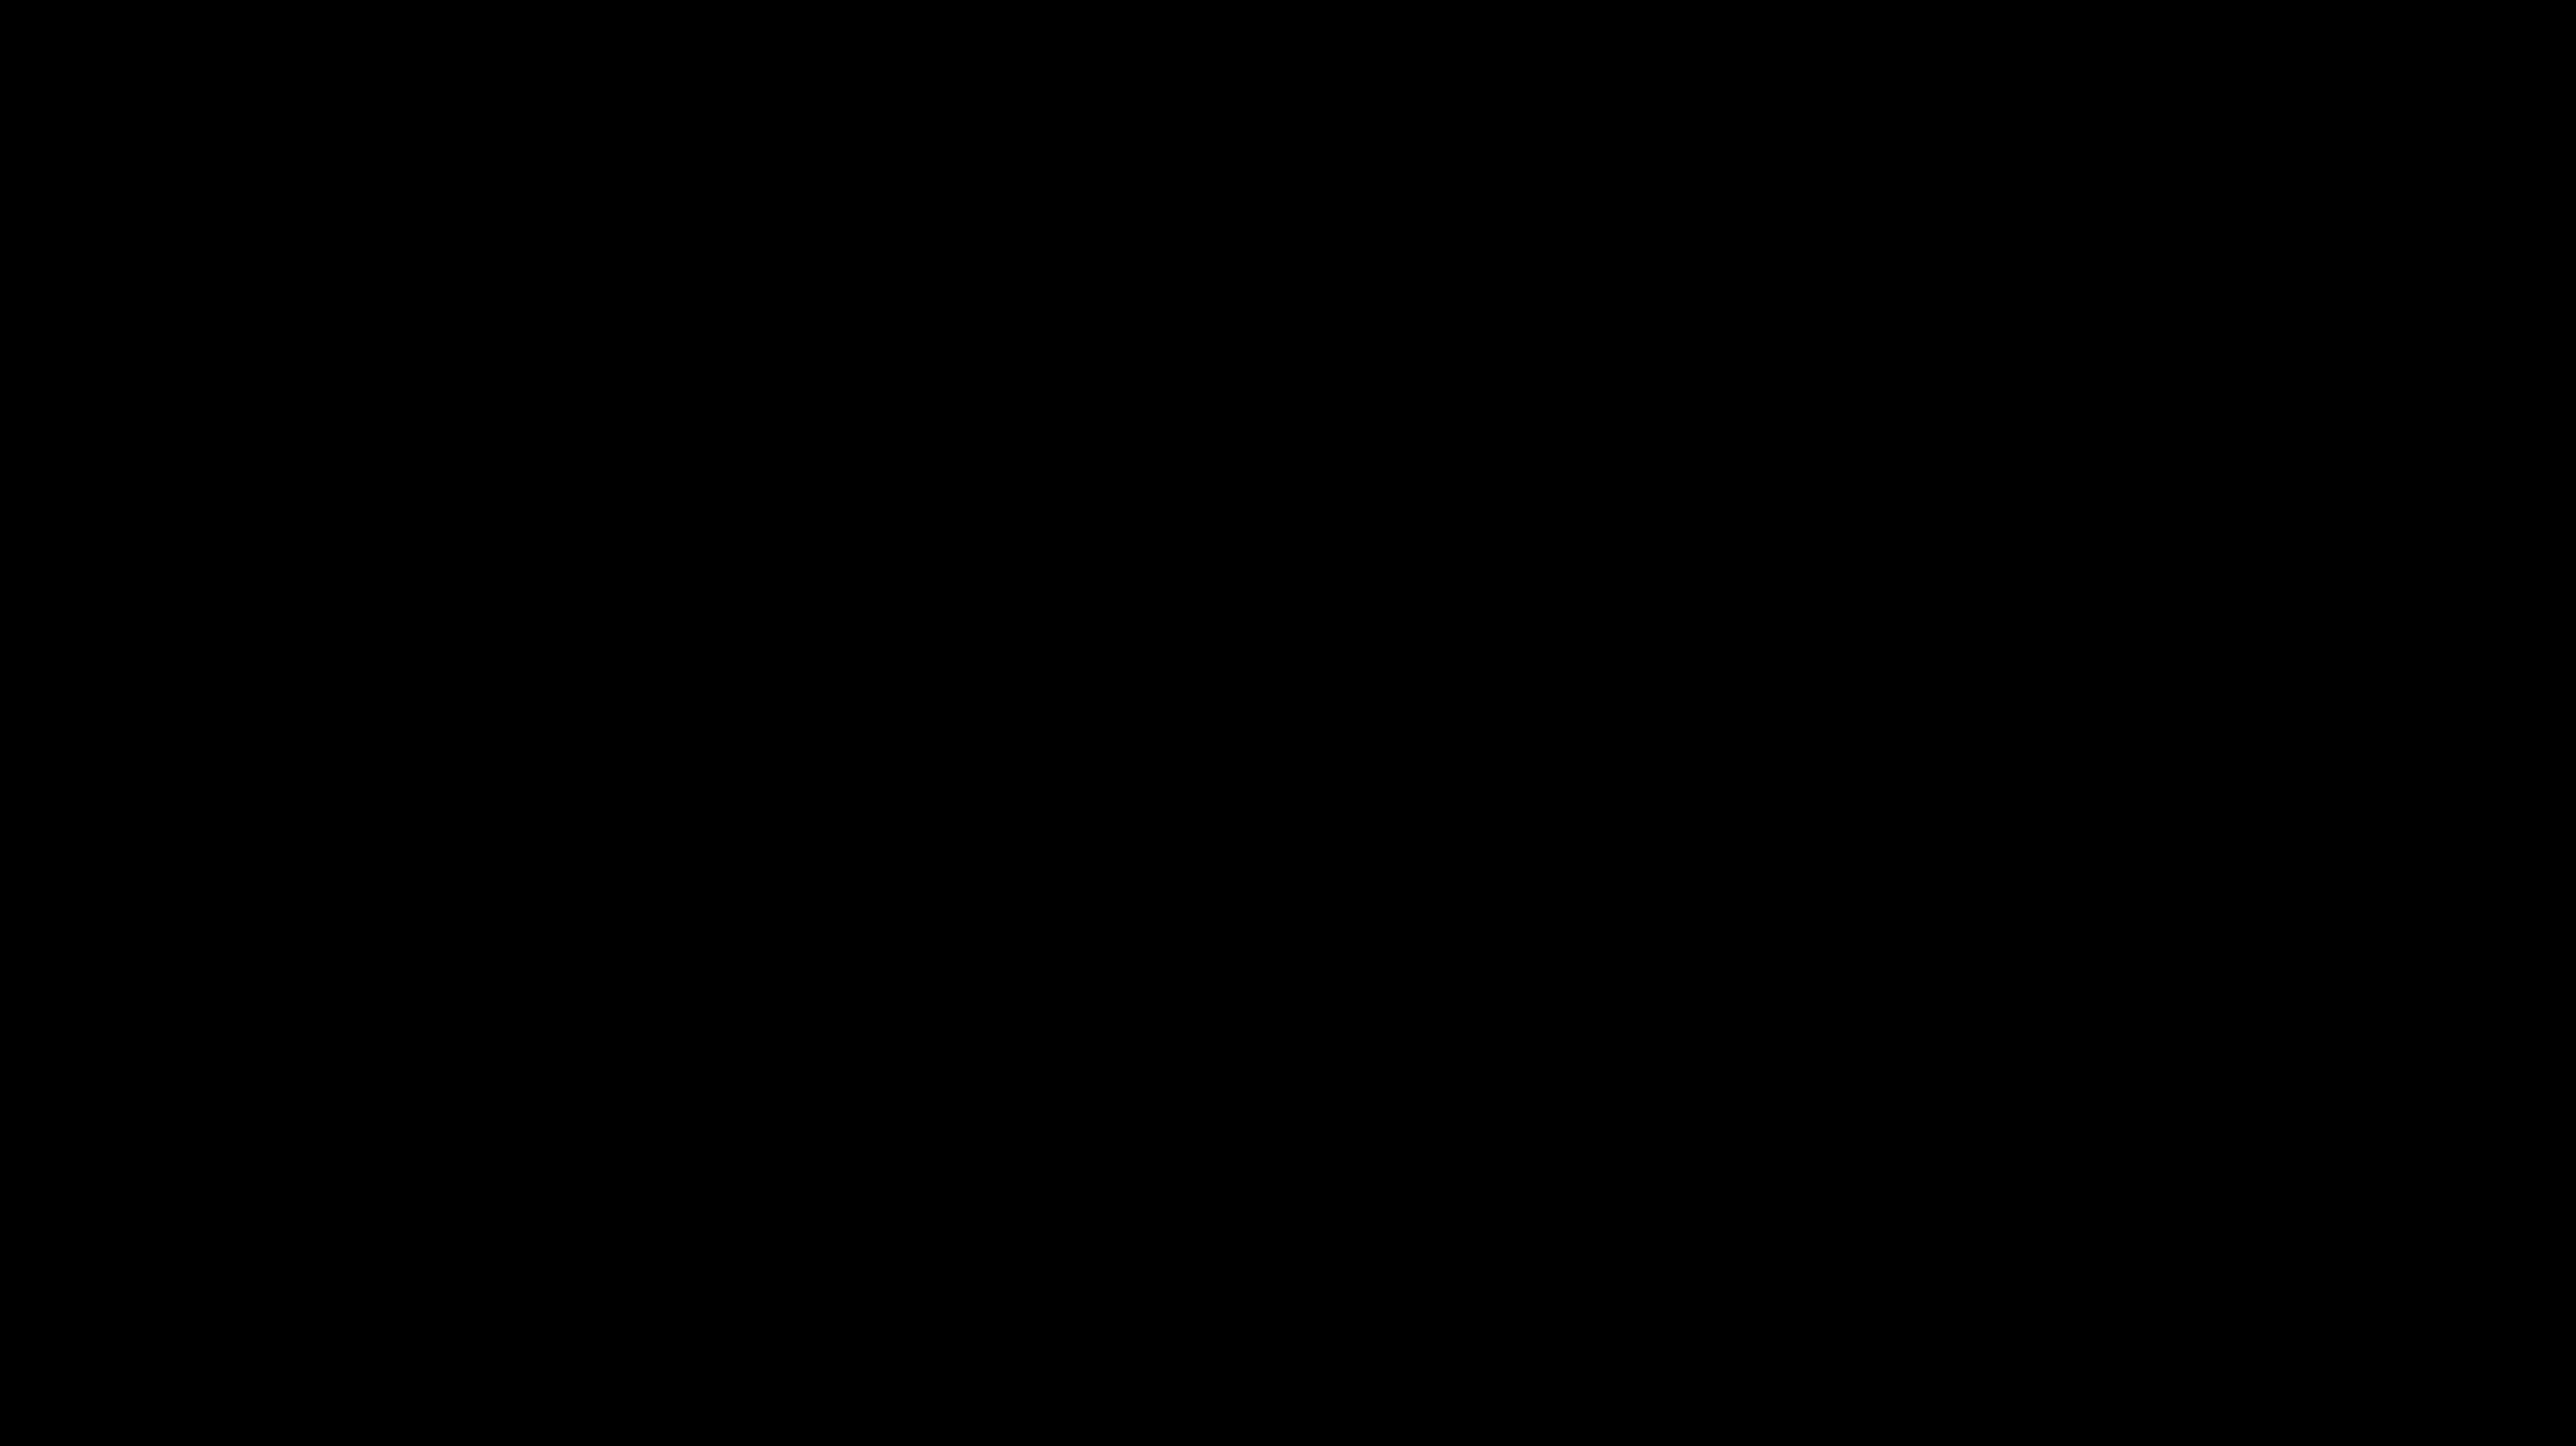 SALT Announces LINK Dance Festival